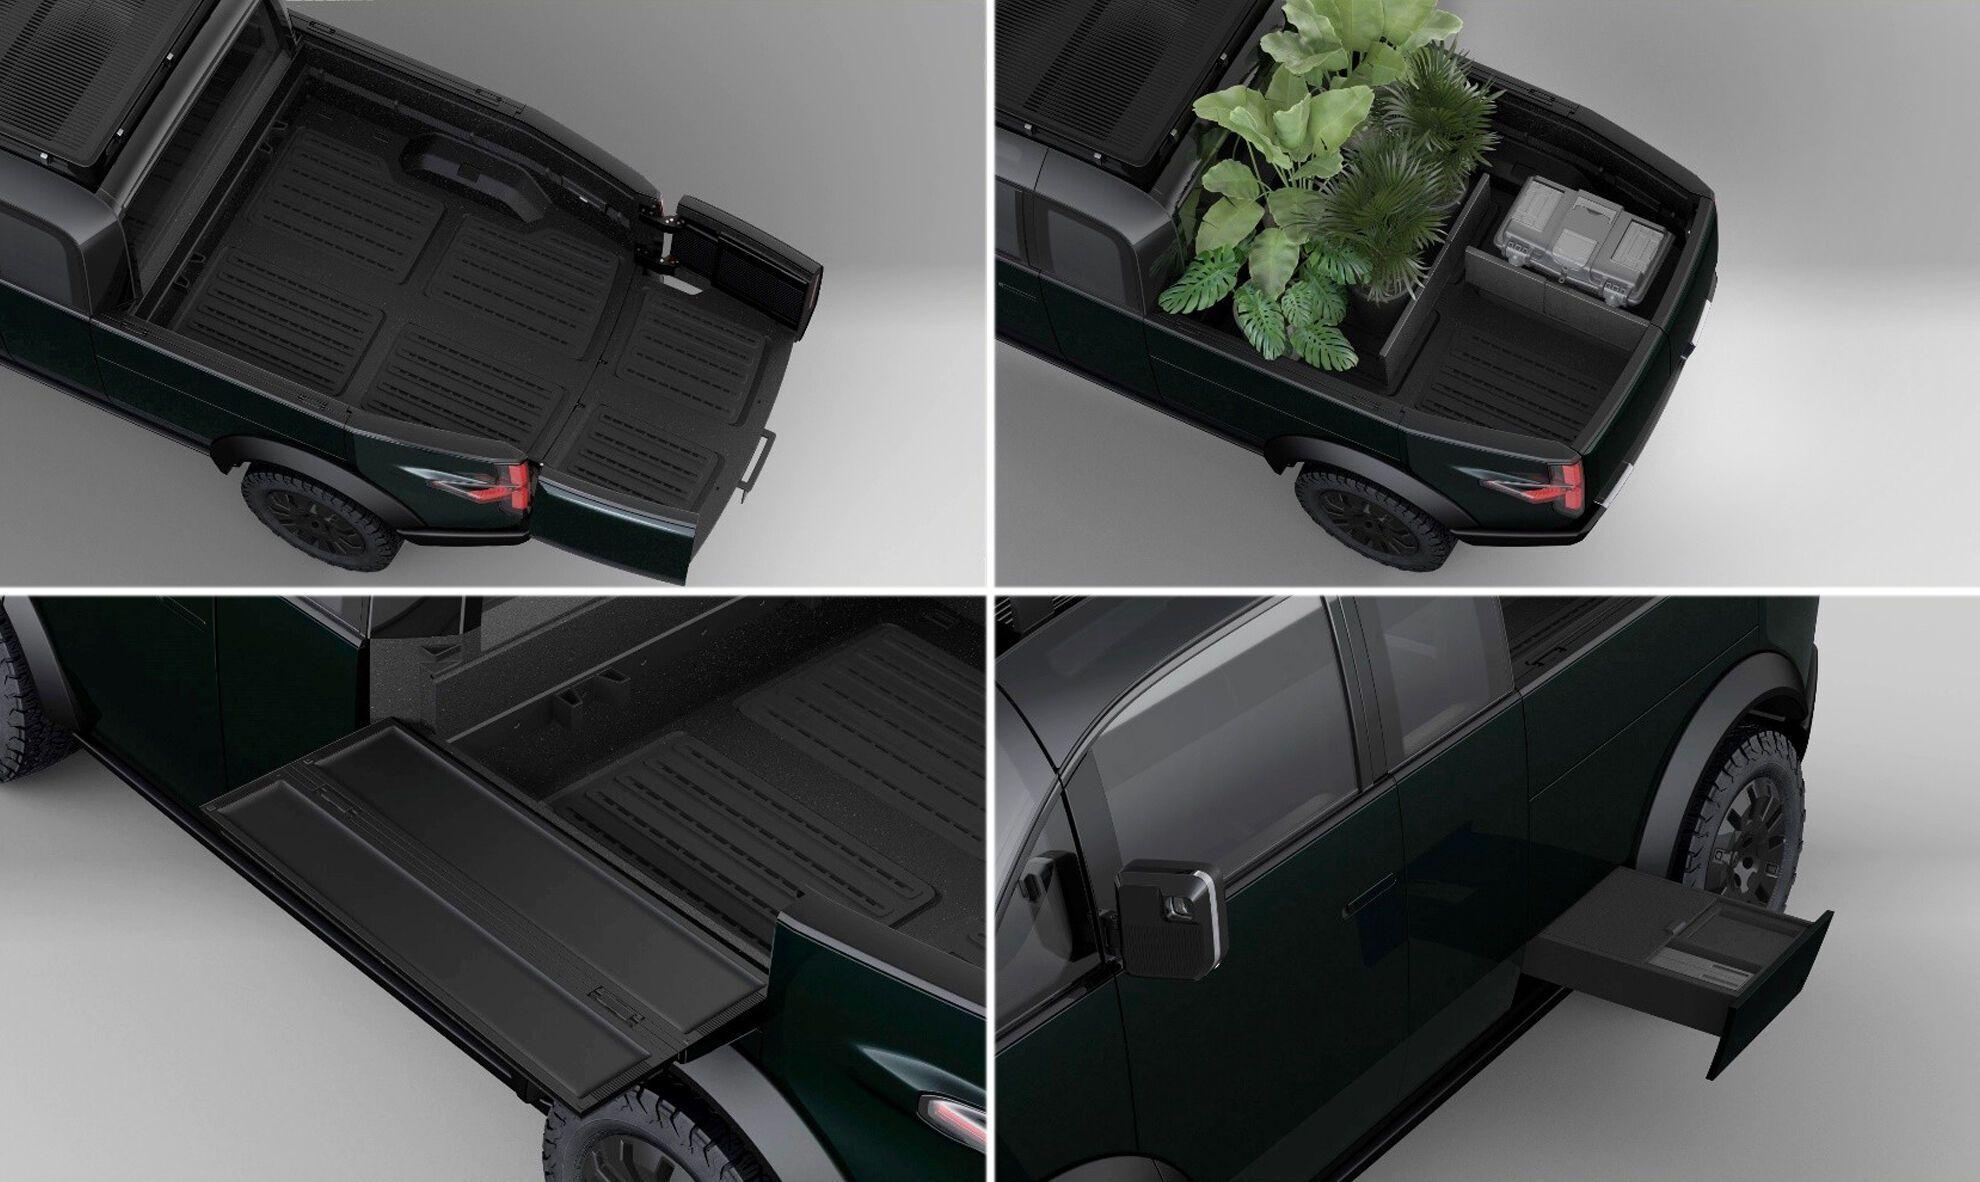 Секции боковых стенок кузова можно превратить в небольшие столики, а под ними есть выдвижные модули-органайзеры